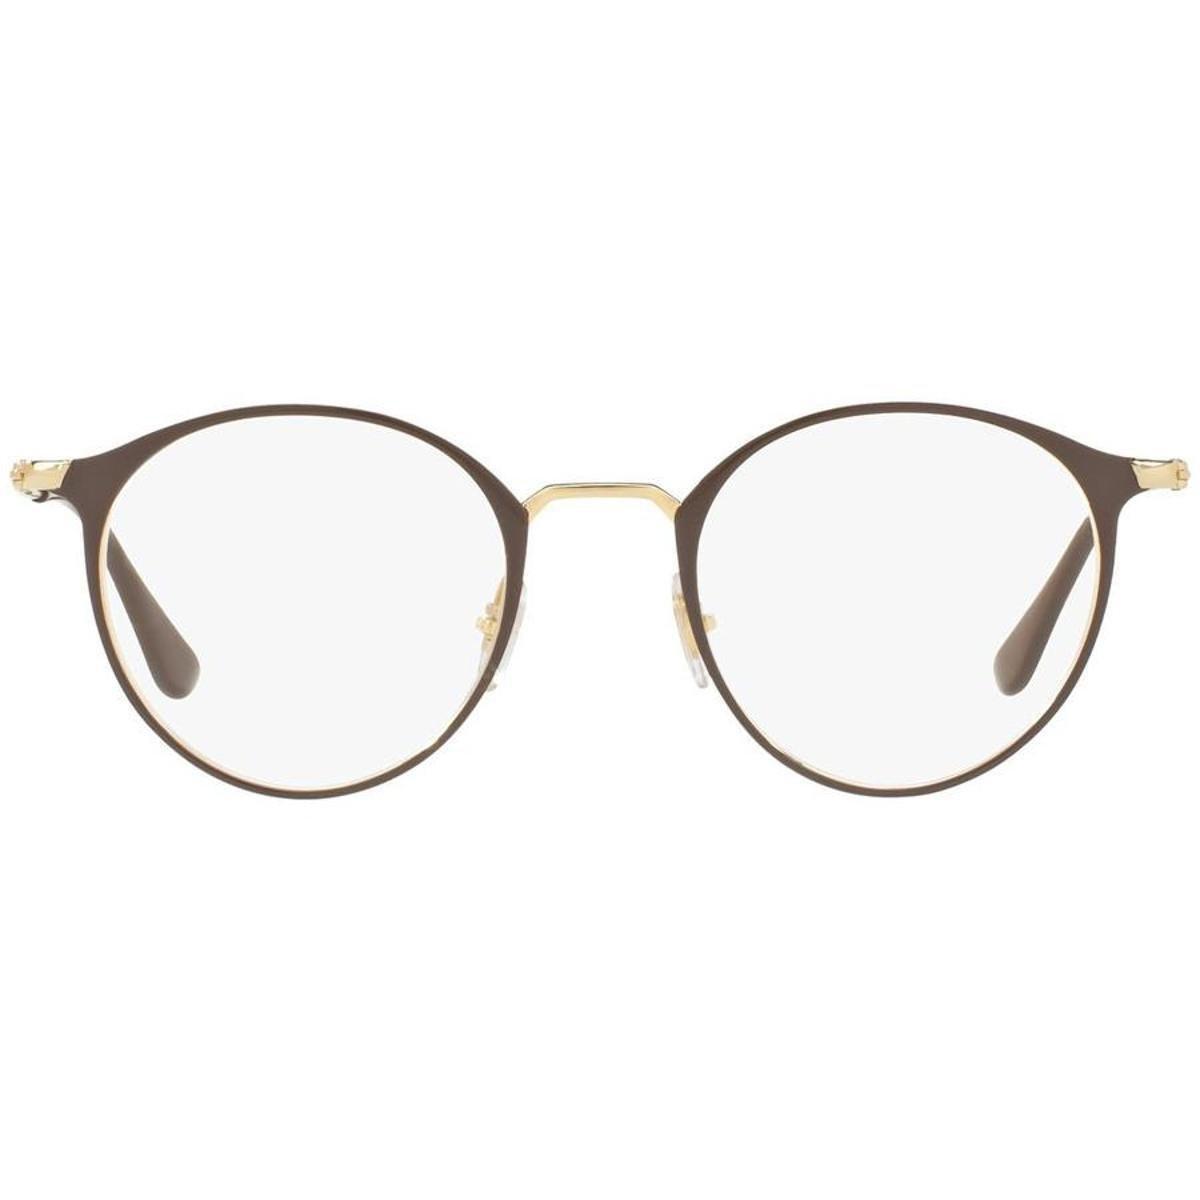 565075f168756 Armação Óculos de Grau Ray Ban RX6378 2905-49 - Compre Agora